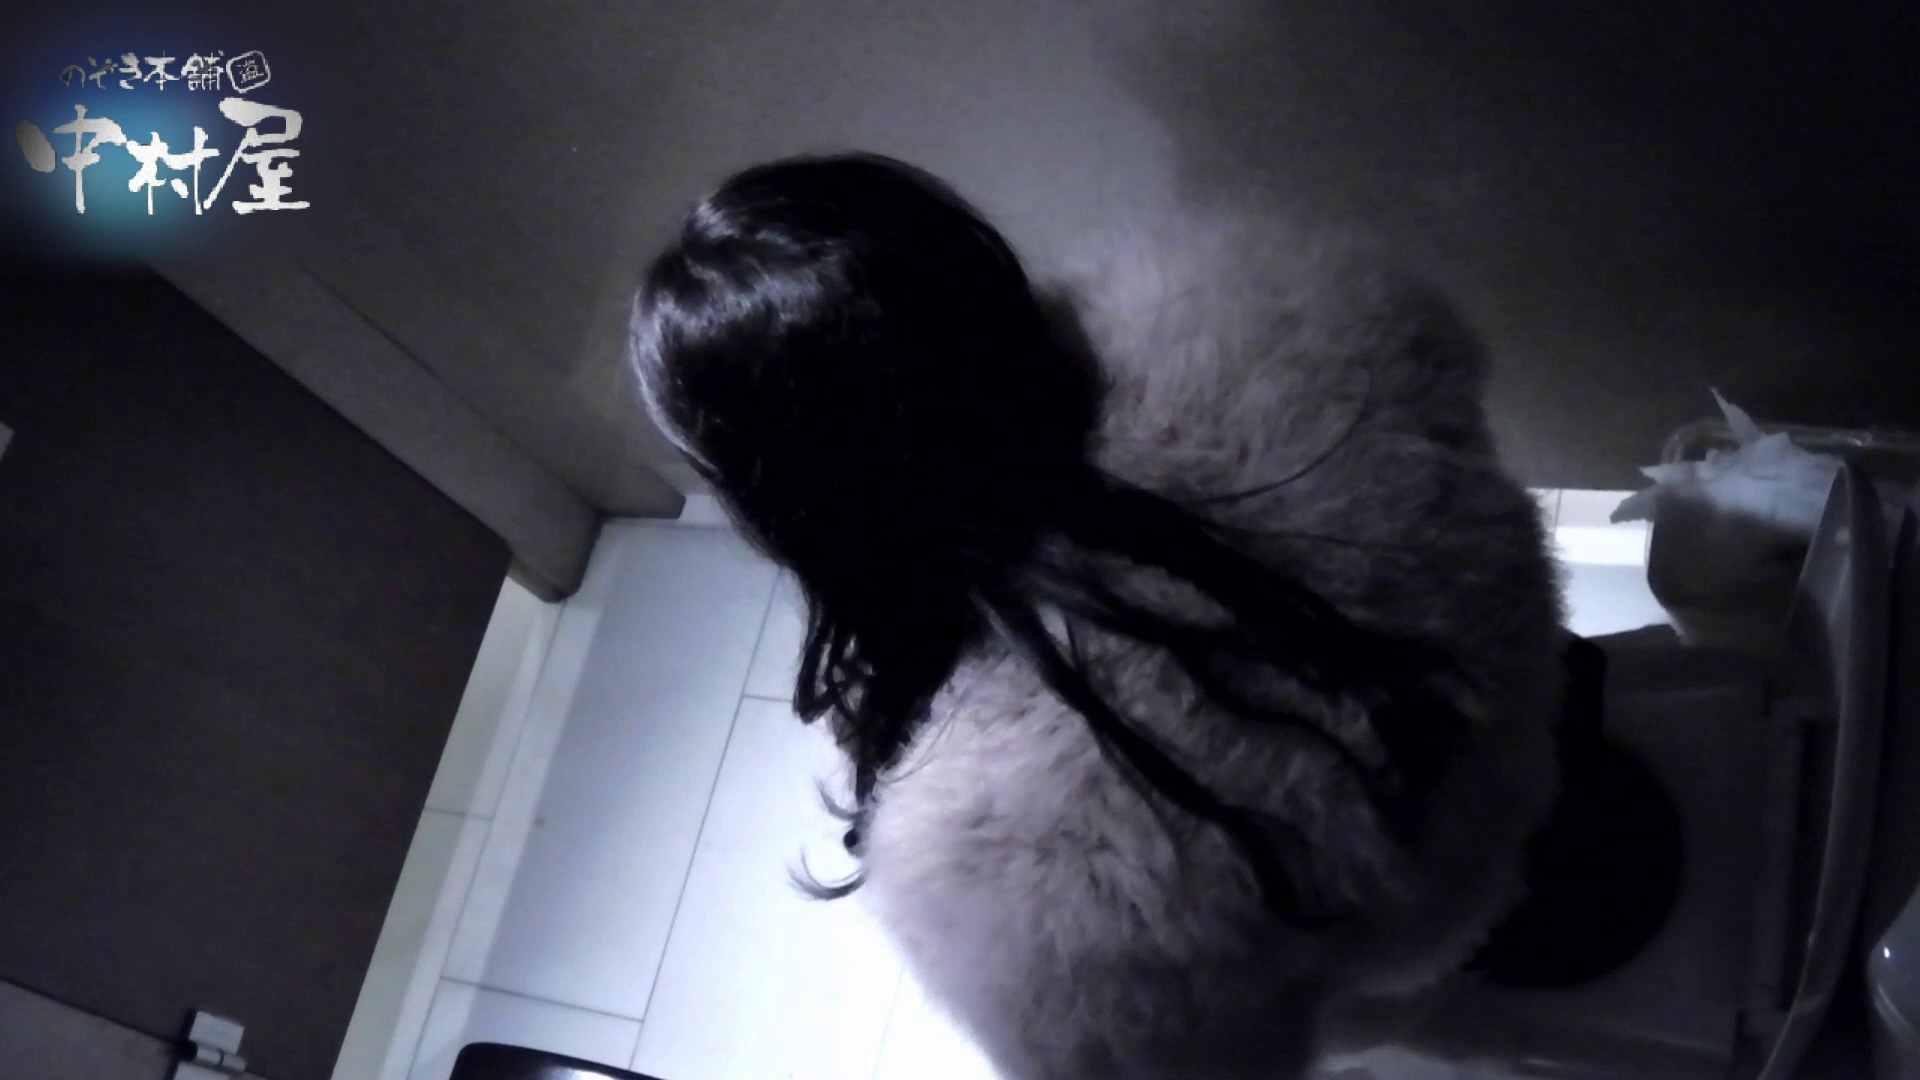 乙女集まる!ショッピングモール潜入撮vol.11 美しいOLの裸体 性交動画流出 78pic 50